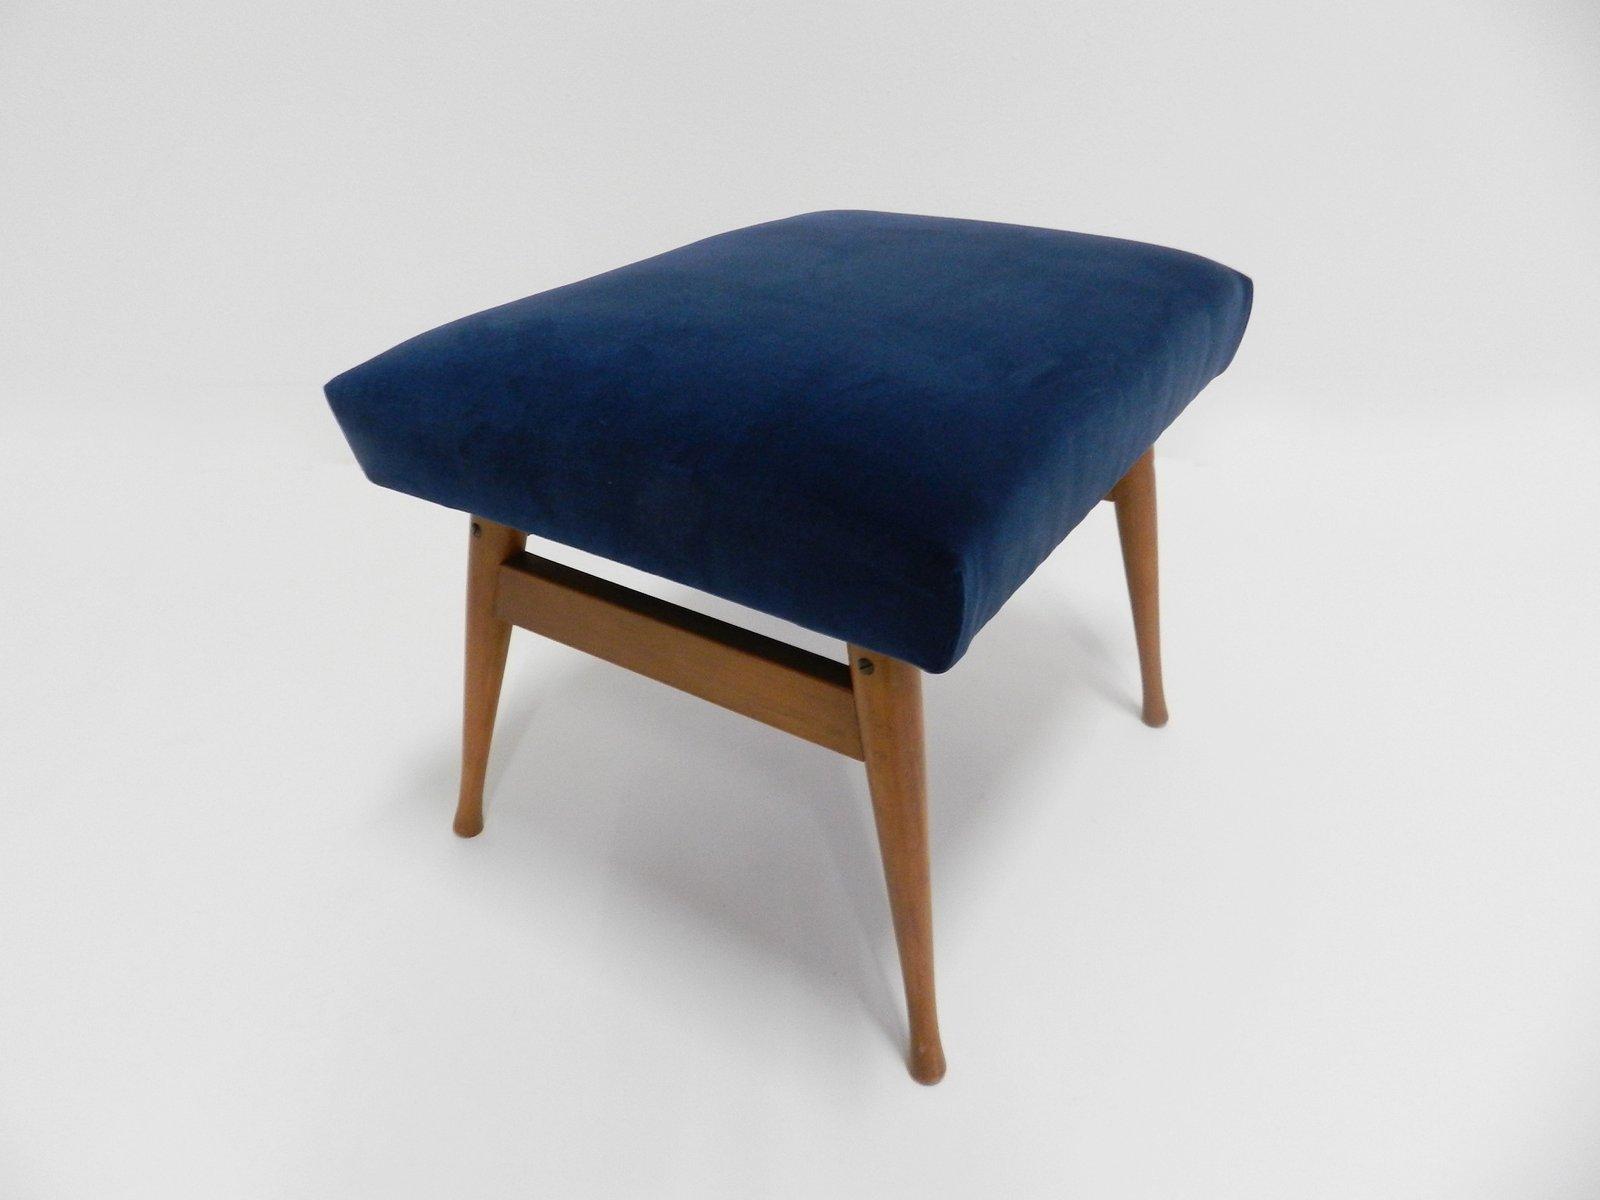 Sgabello royal vintage di velluto blu danimarca in vendita su pamono